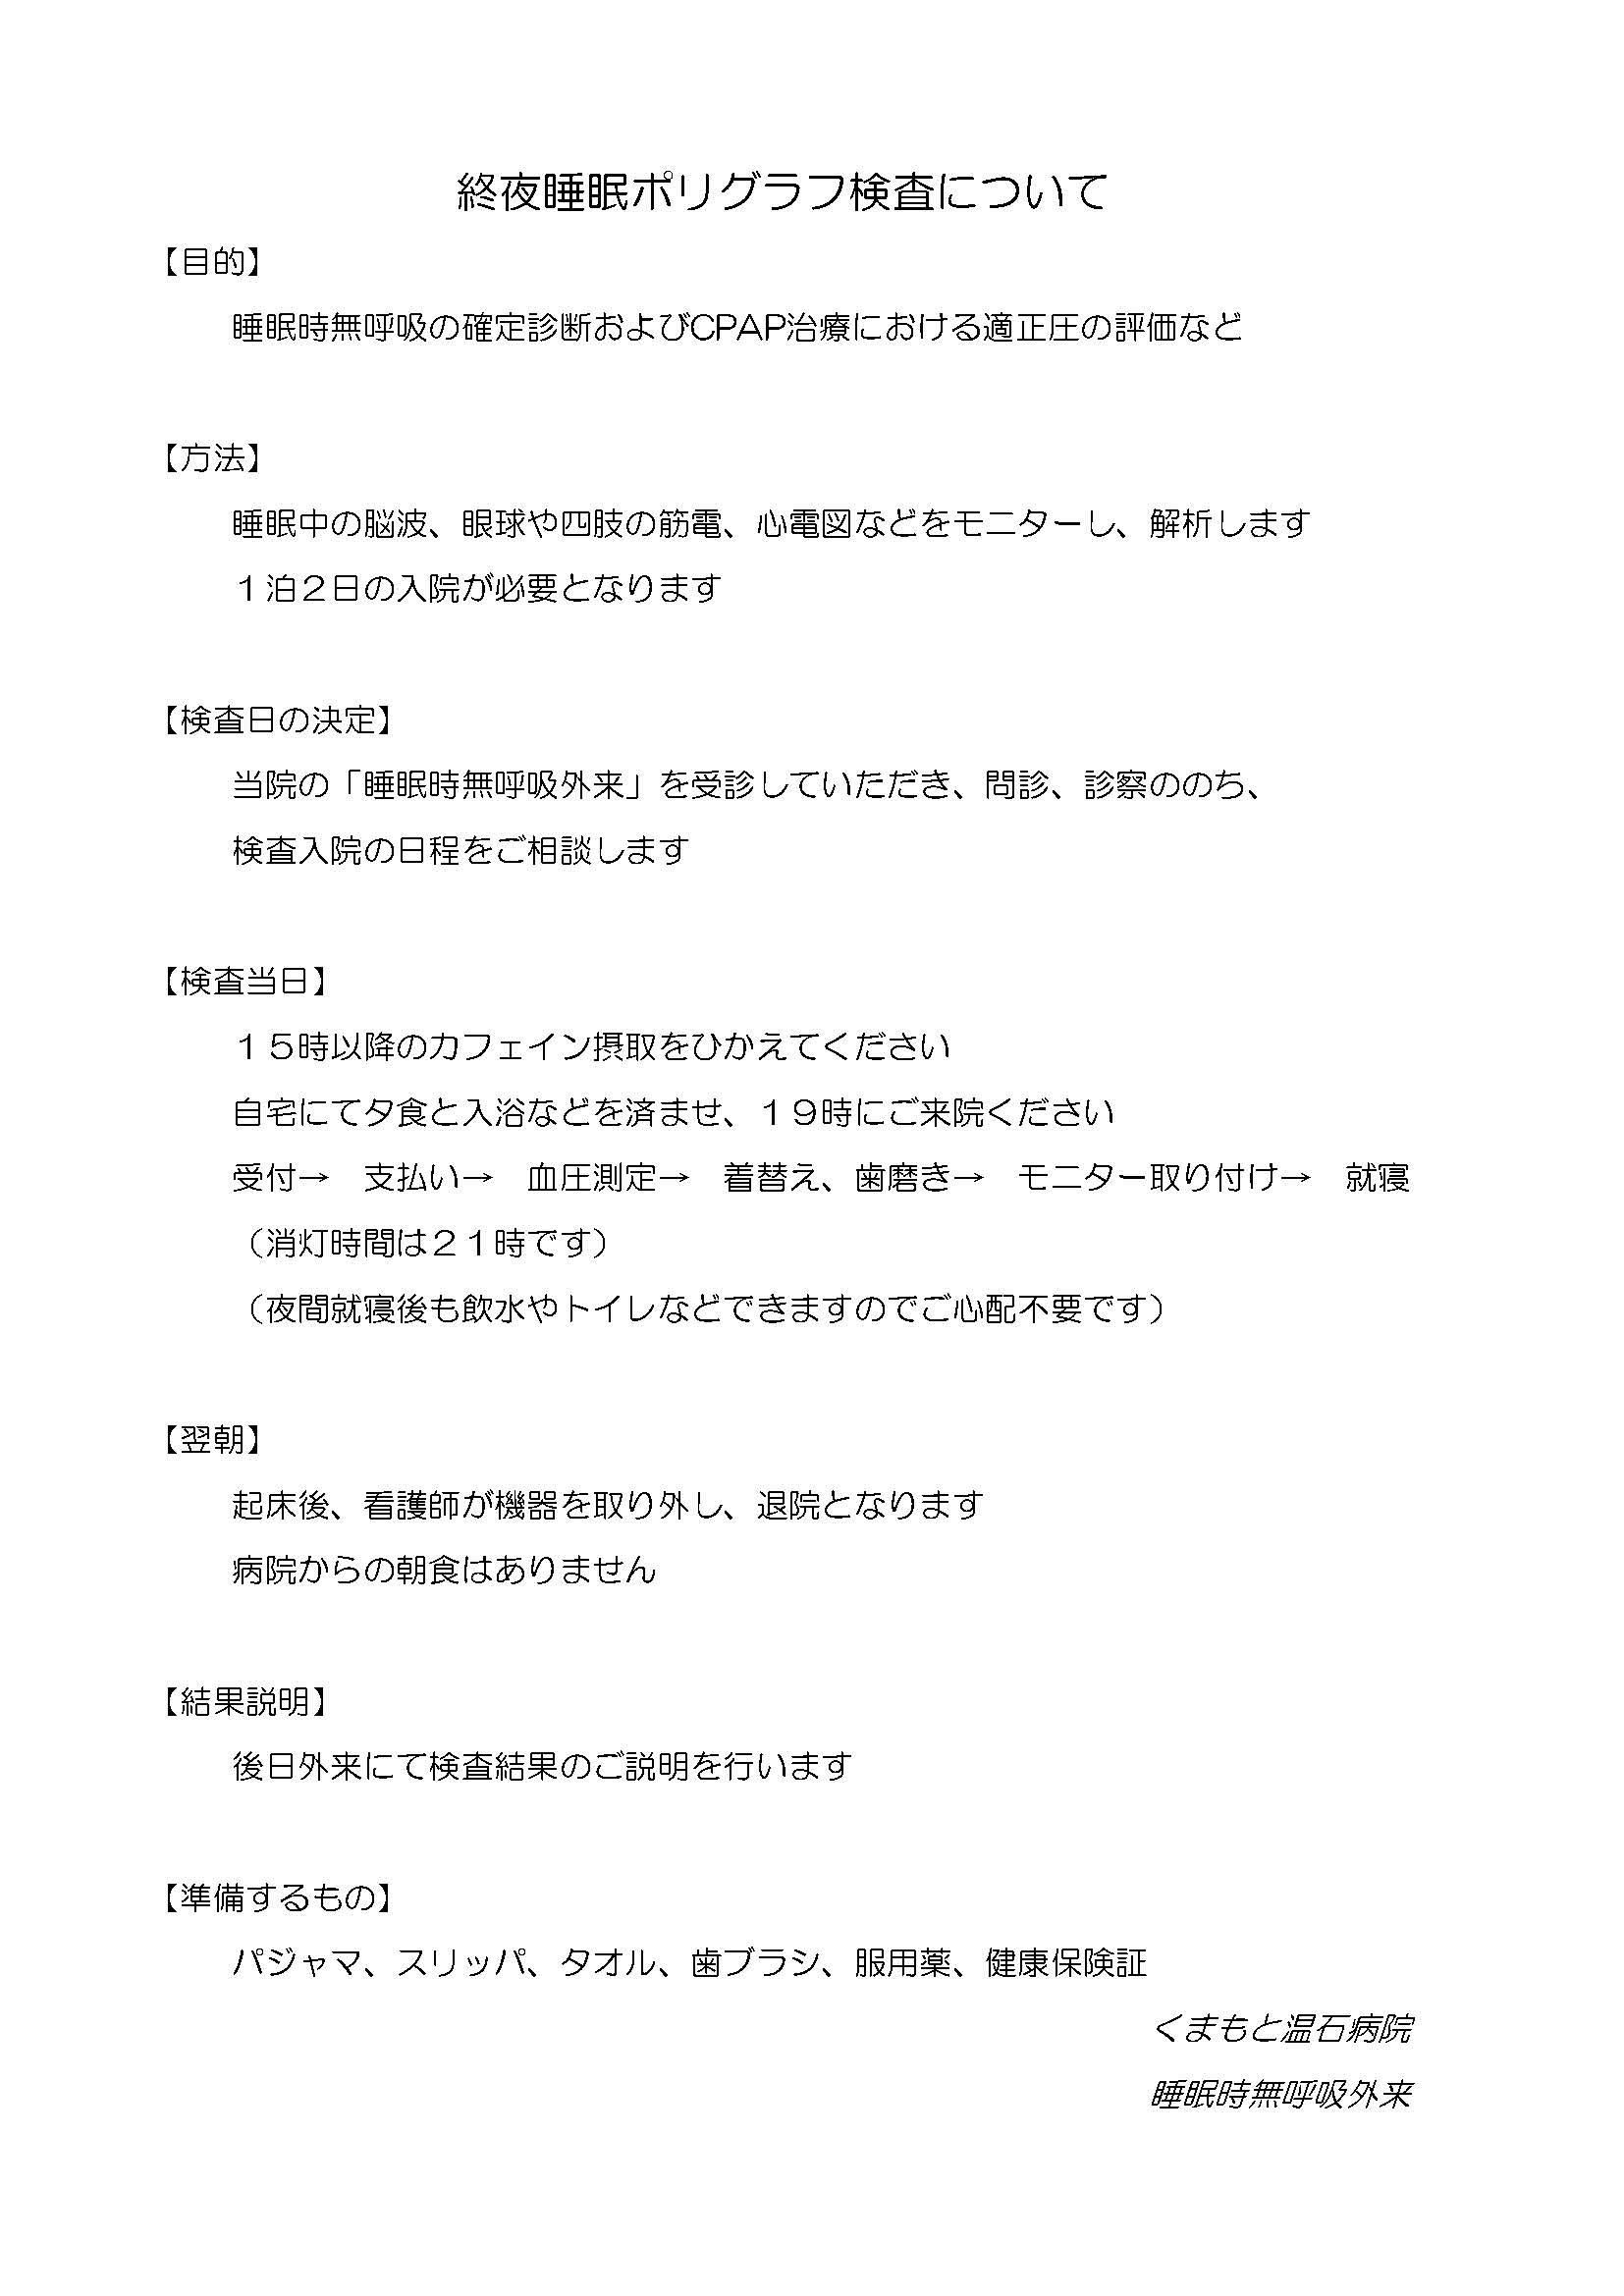 終夜睡眠ポリグラフ検査について.jpg